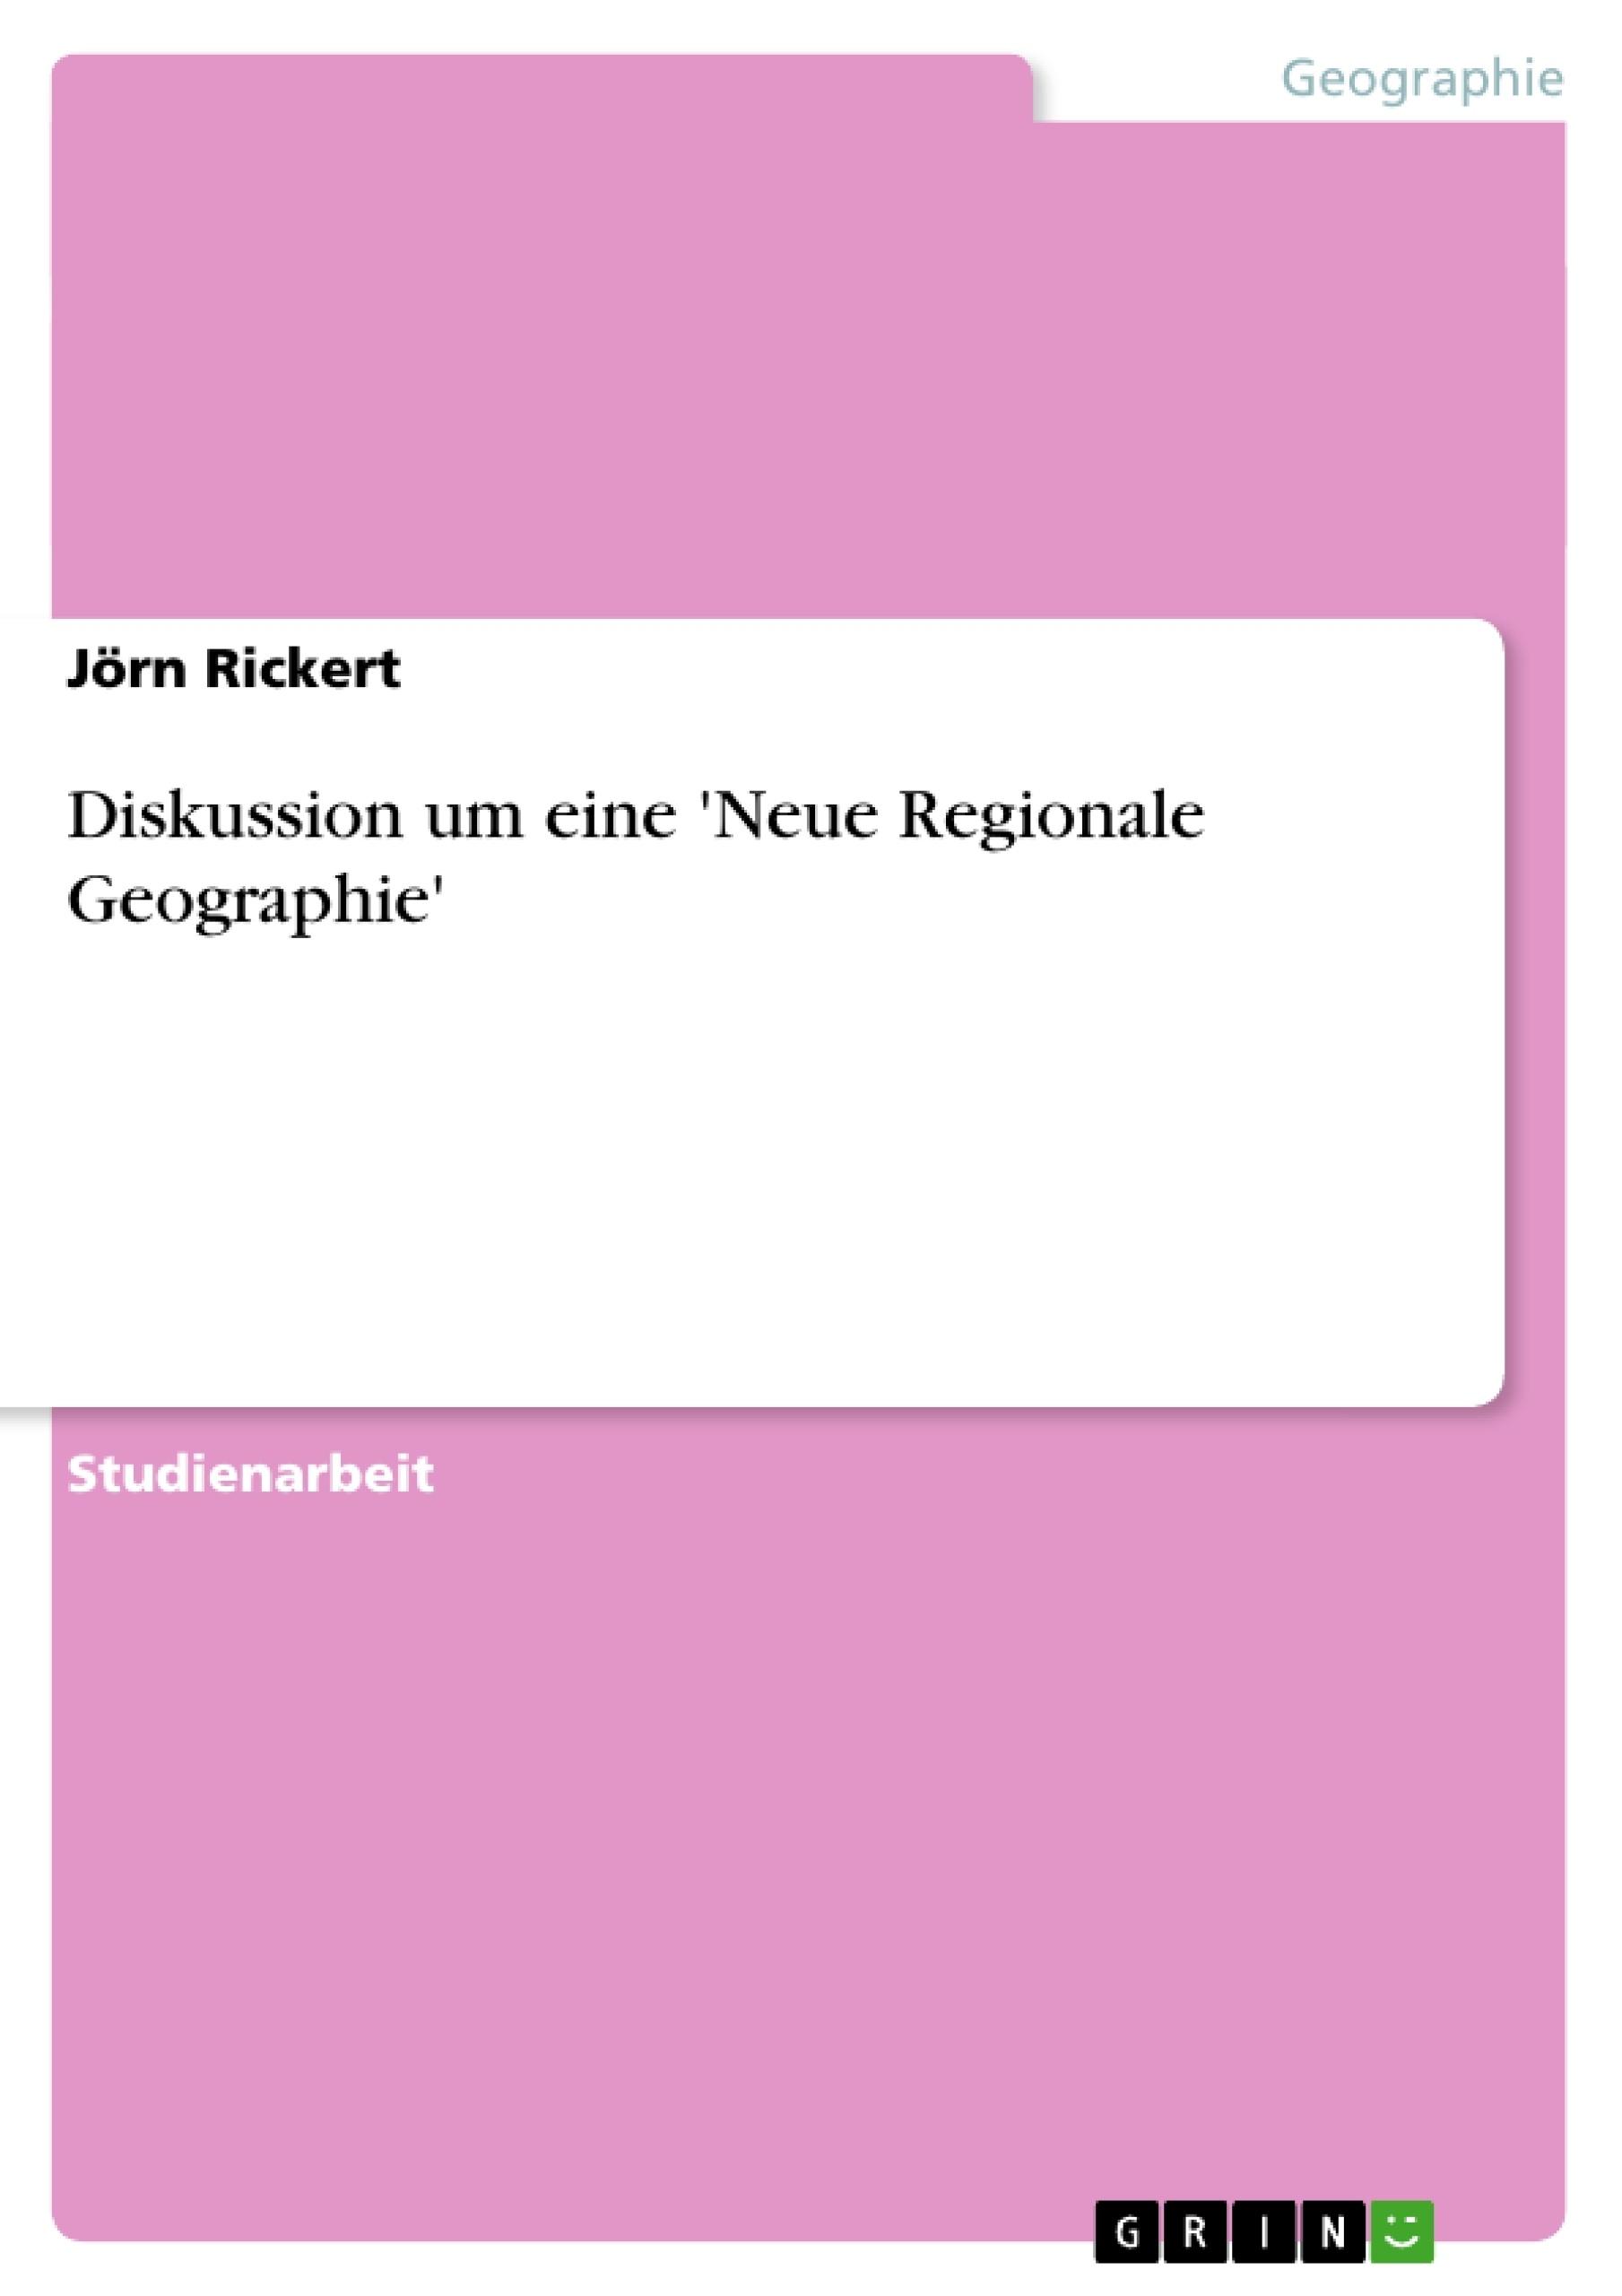 Titel: Diskussion um eine 'Neue Regionale Geographie'